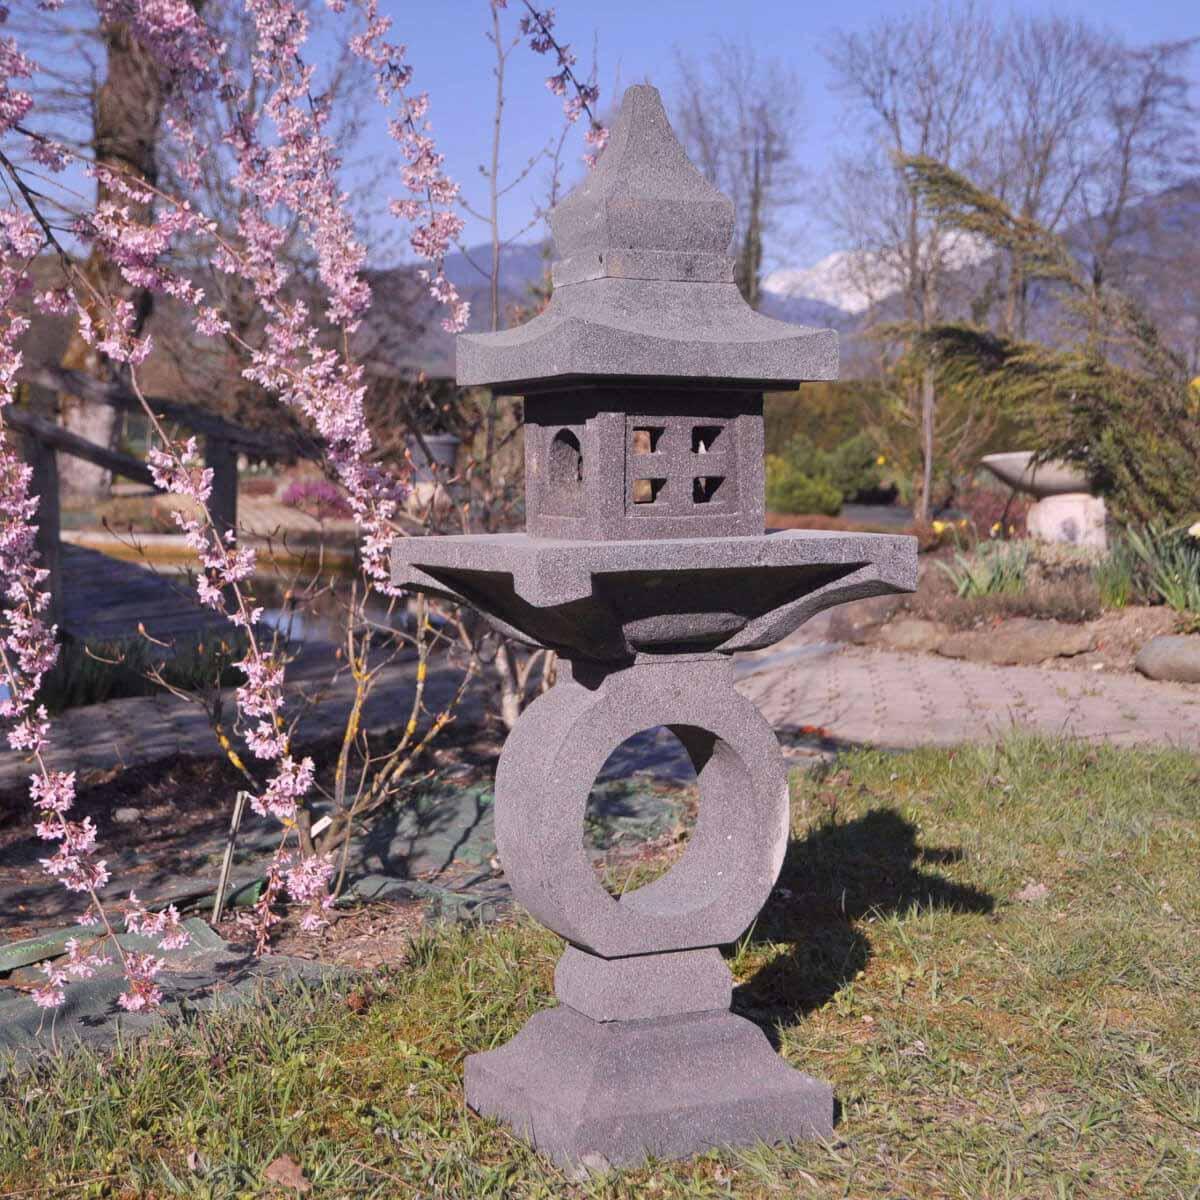 Wanda Collection Lanterne japonaise pagode zen en pierre de lave 105 cm